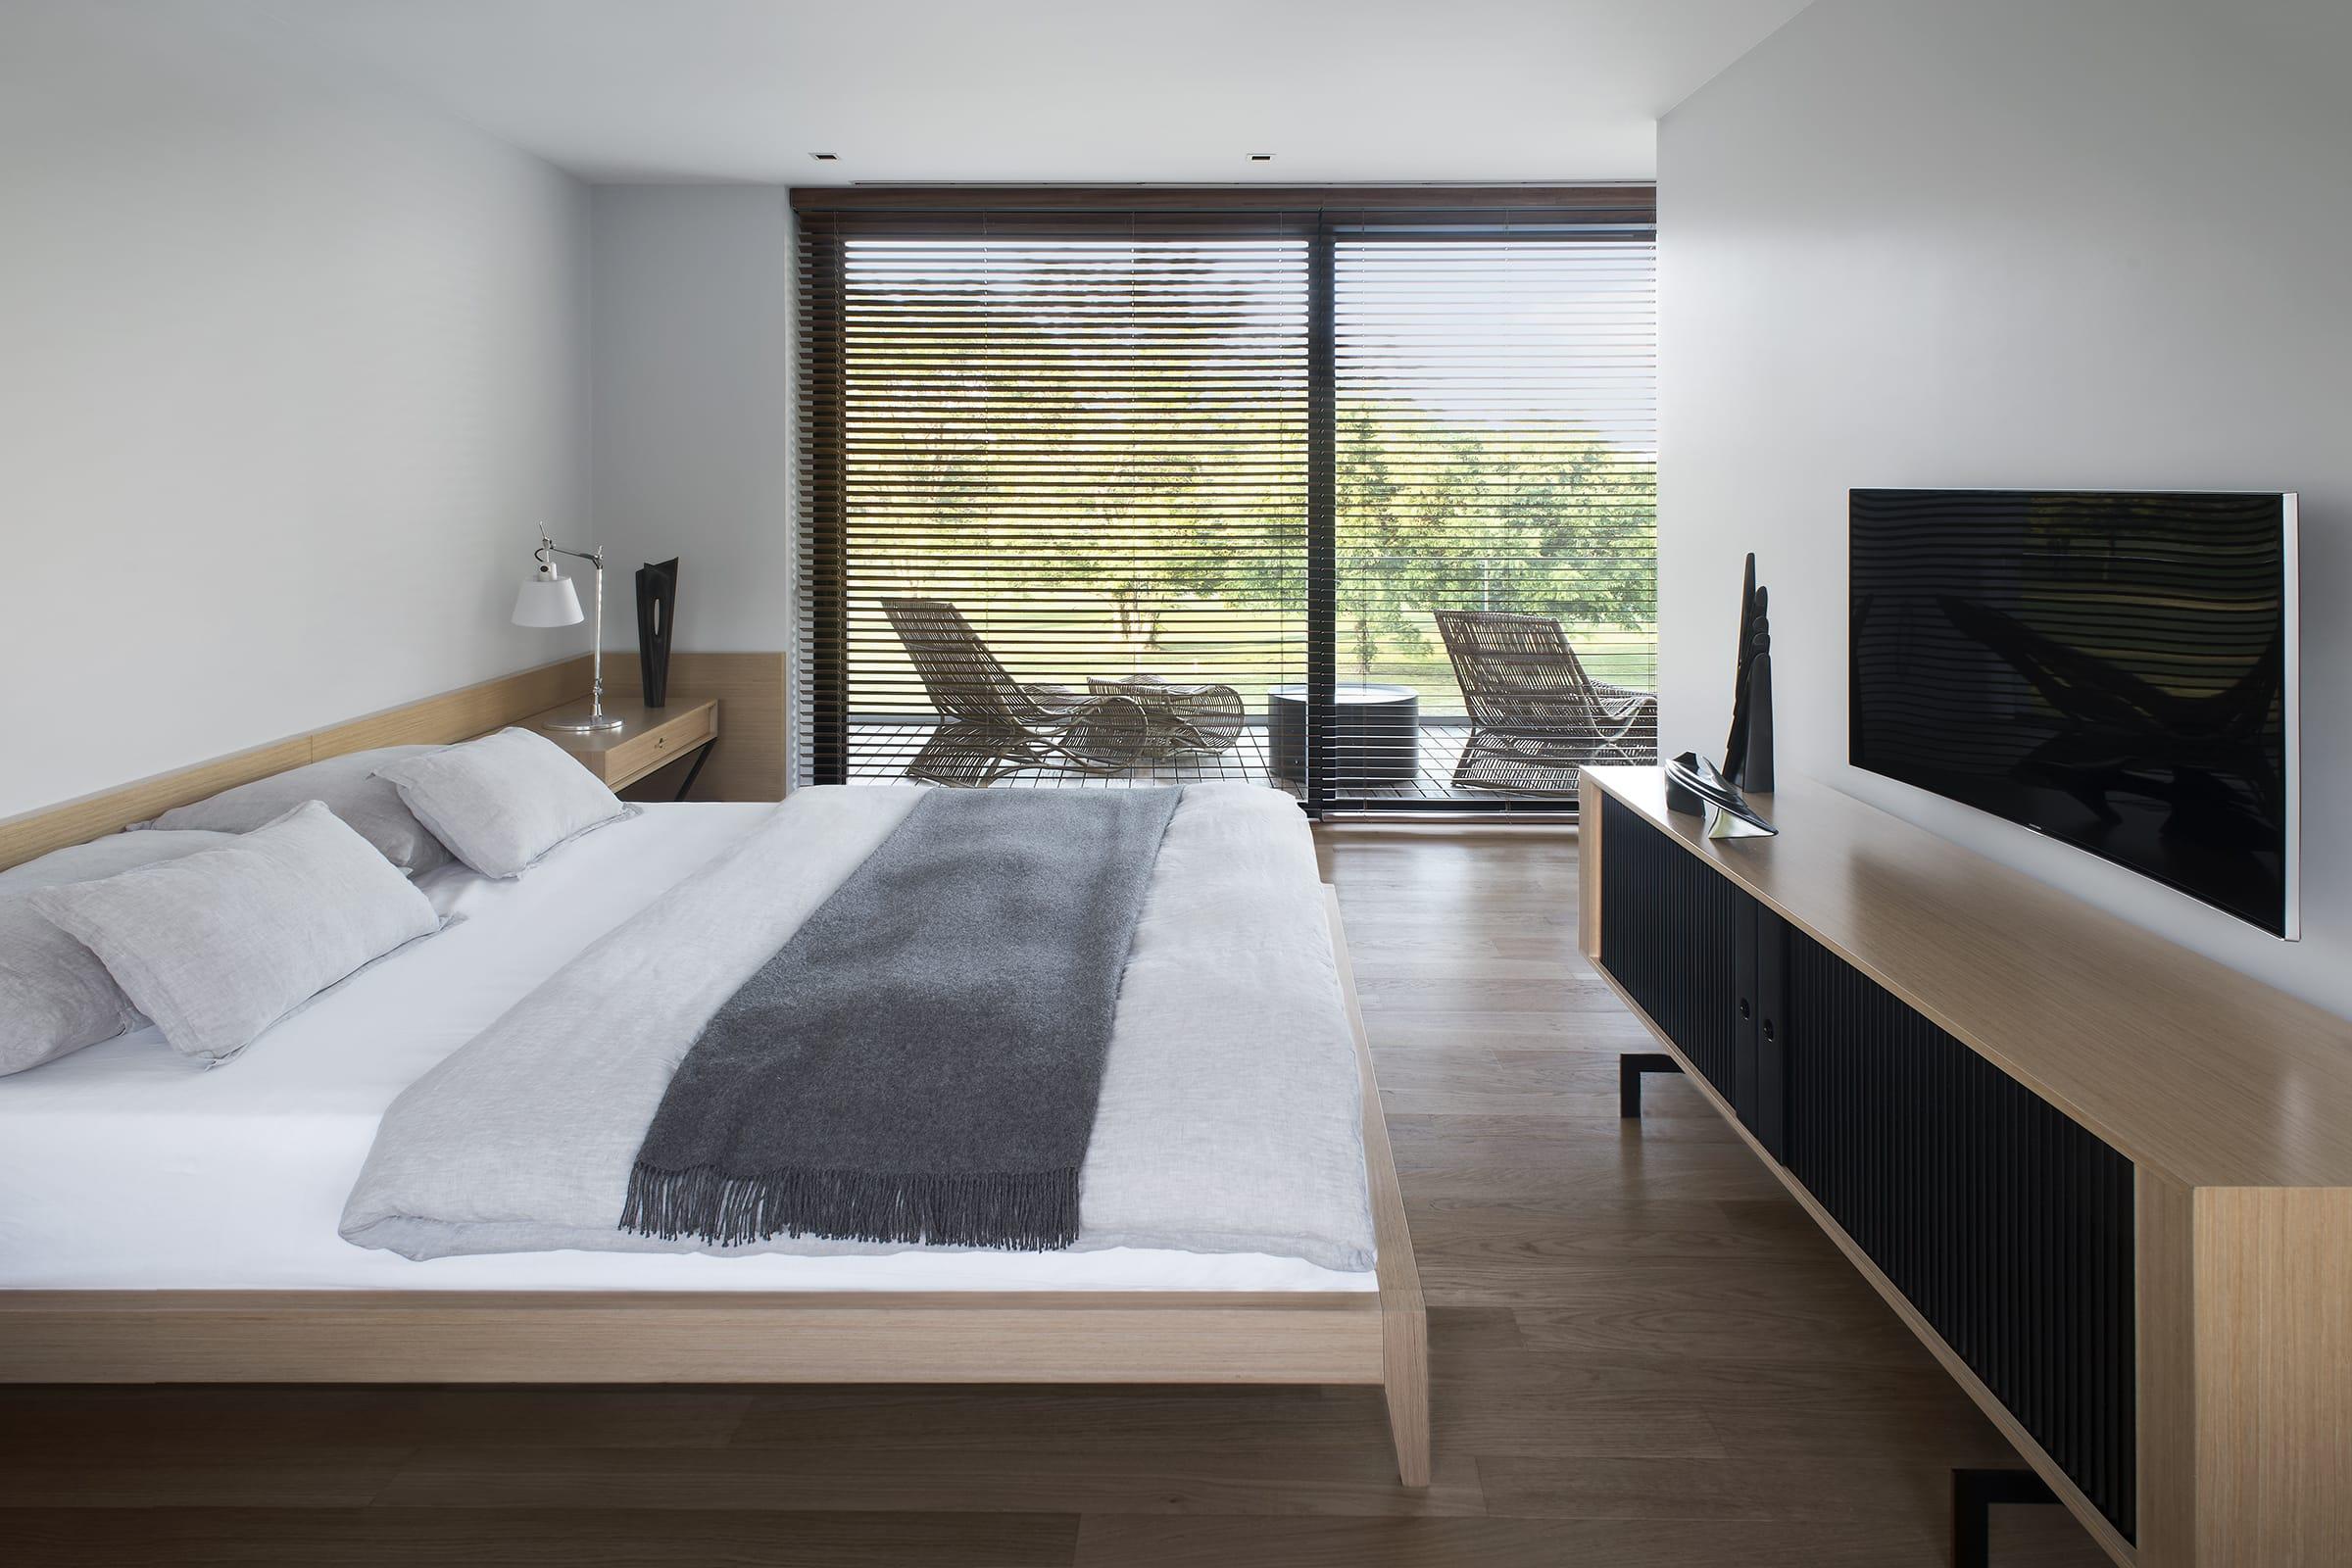 El dormitorio principal se expande hacia un balcón con baranda de vidrio.